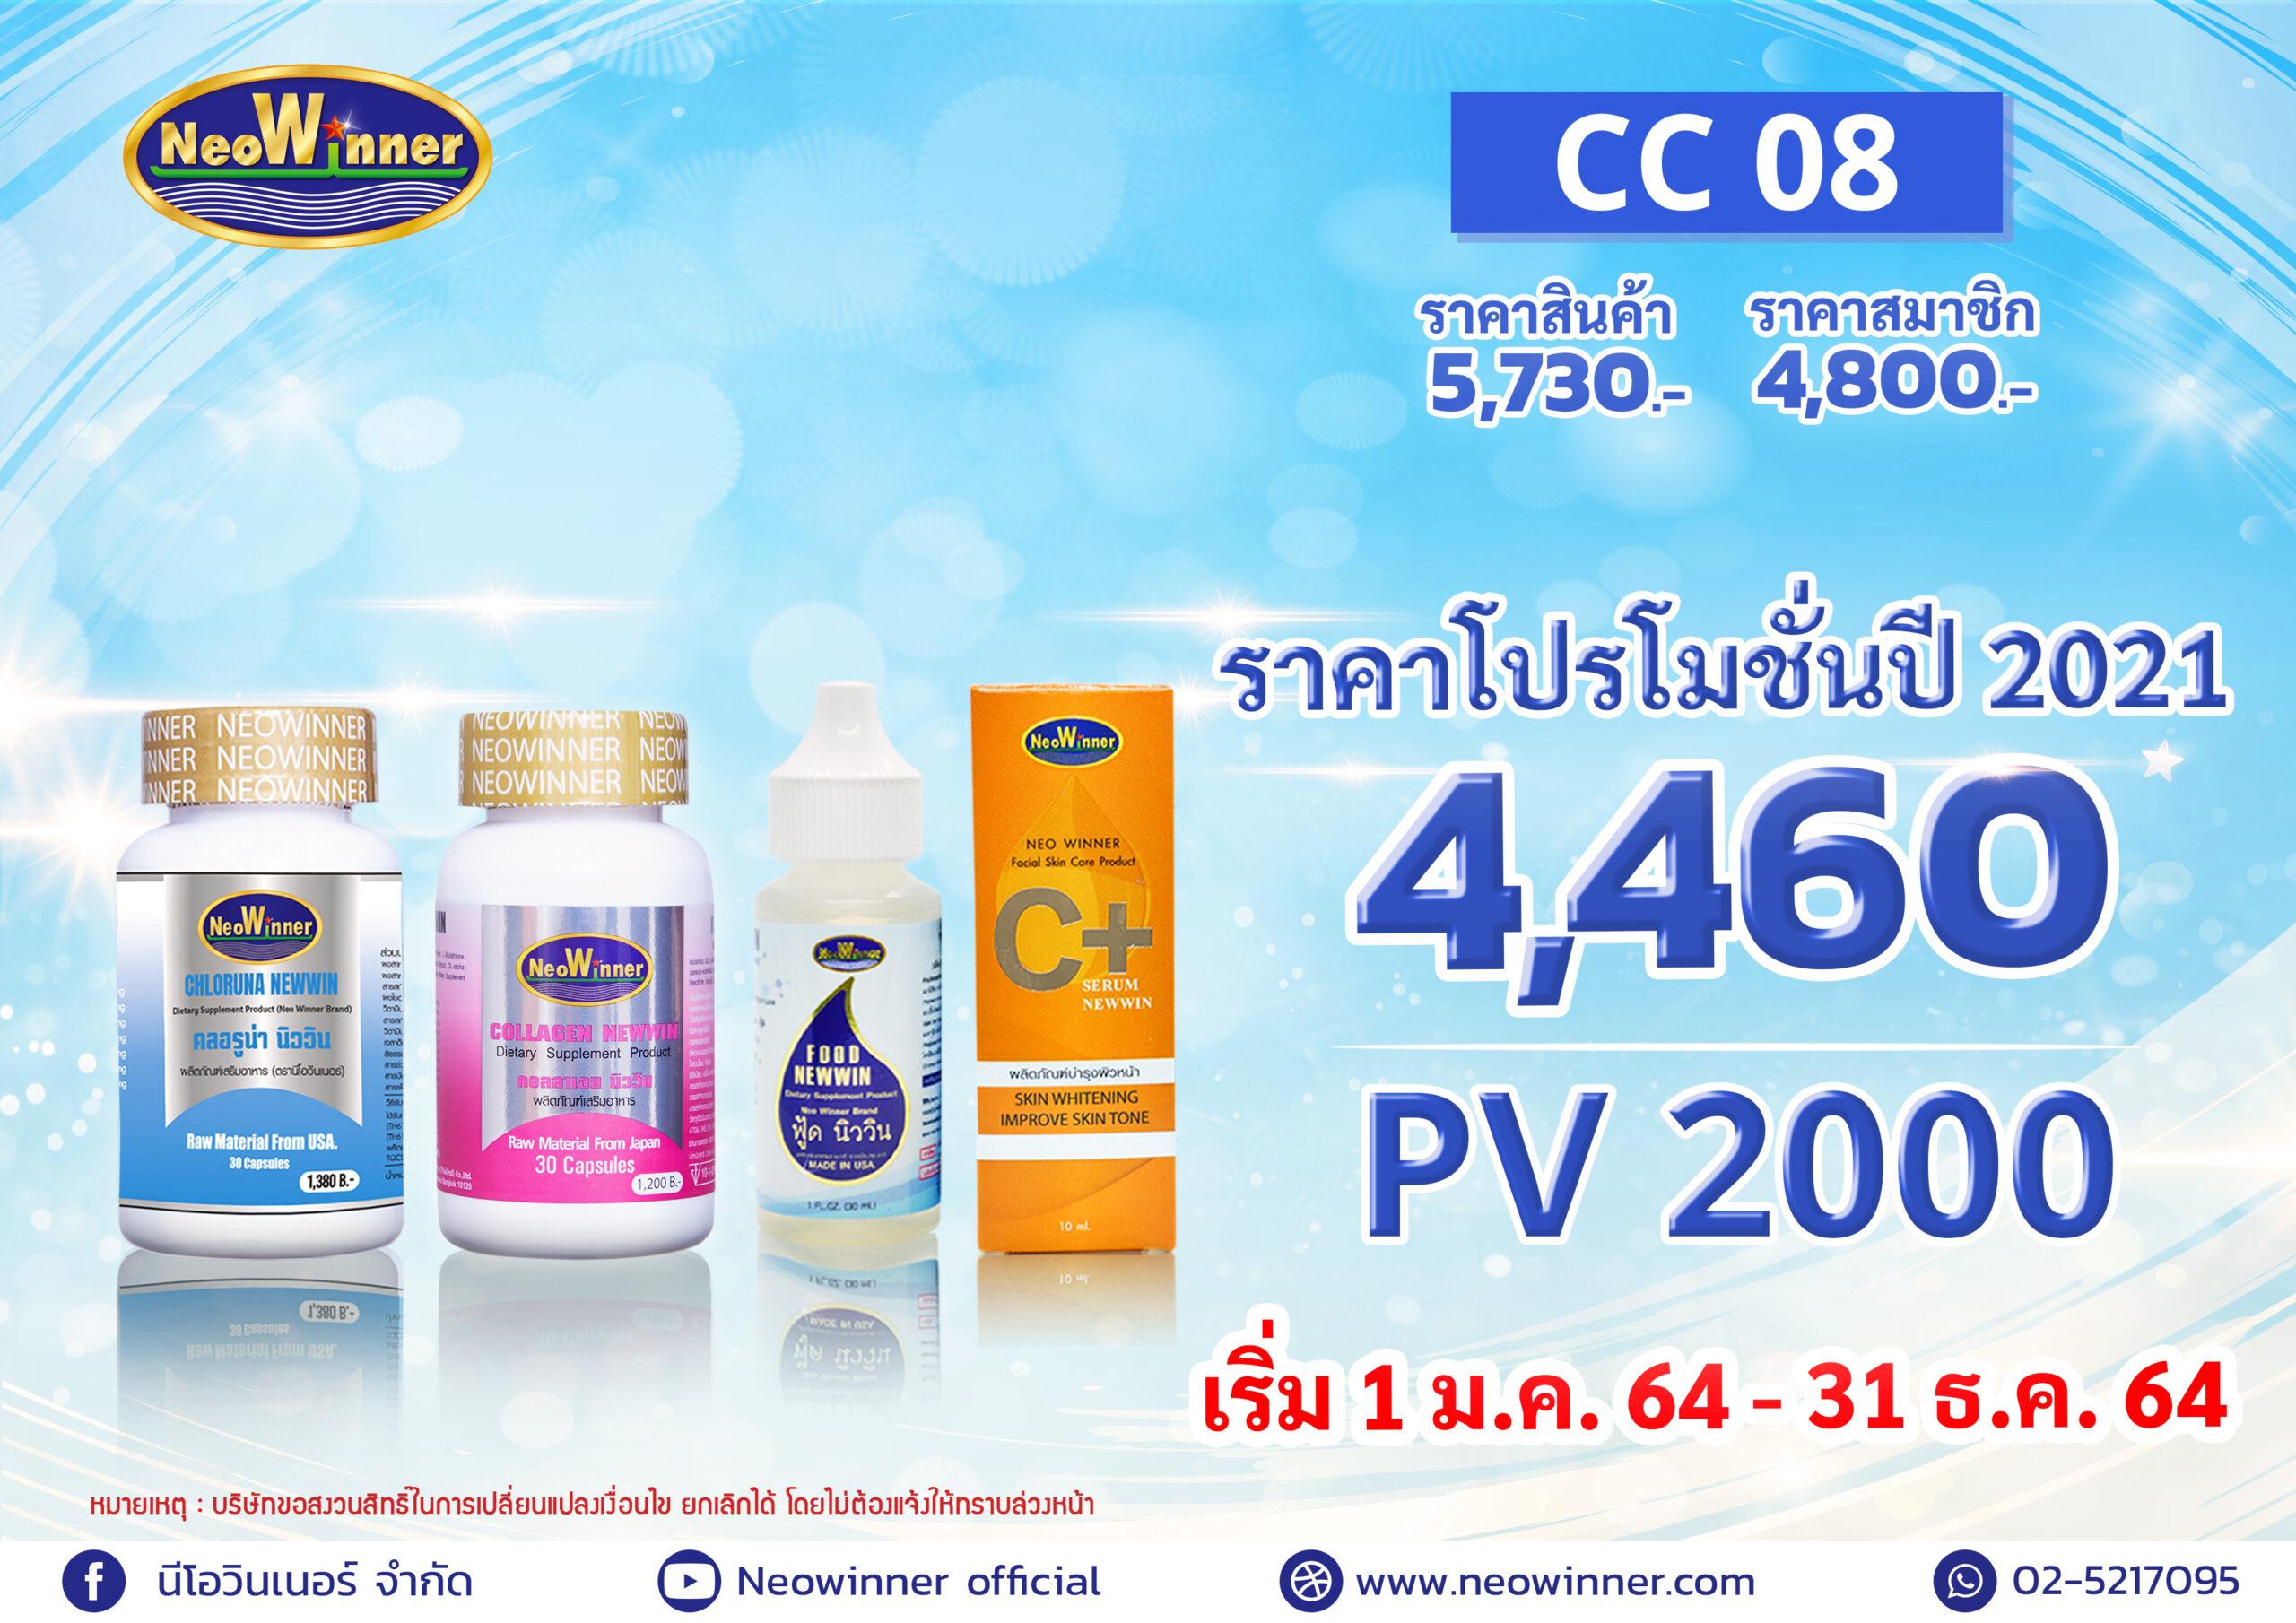 Promotion-CC-08-2021